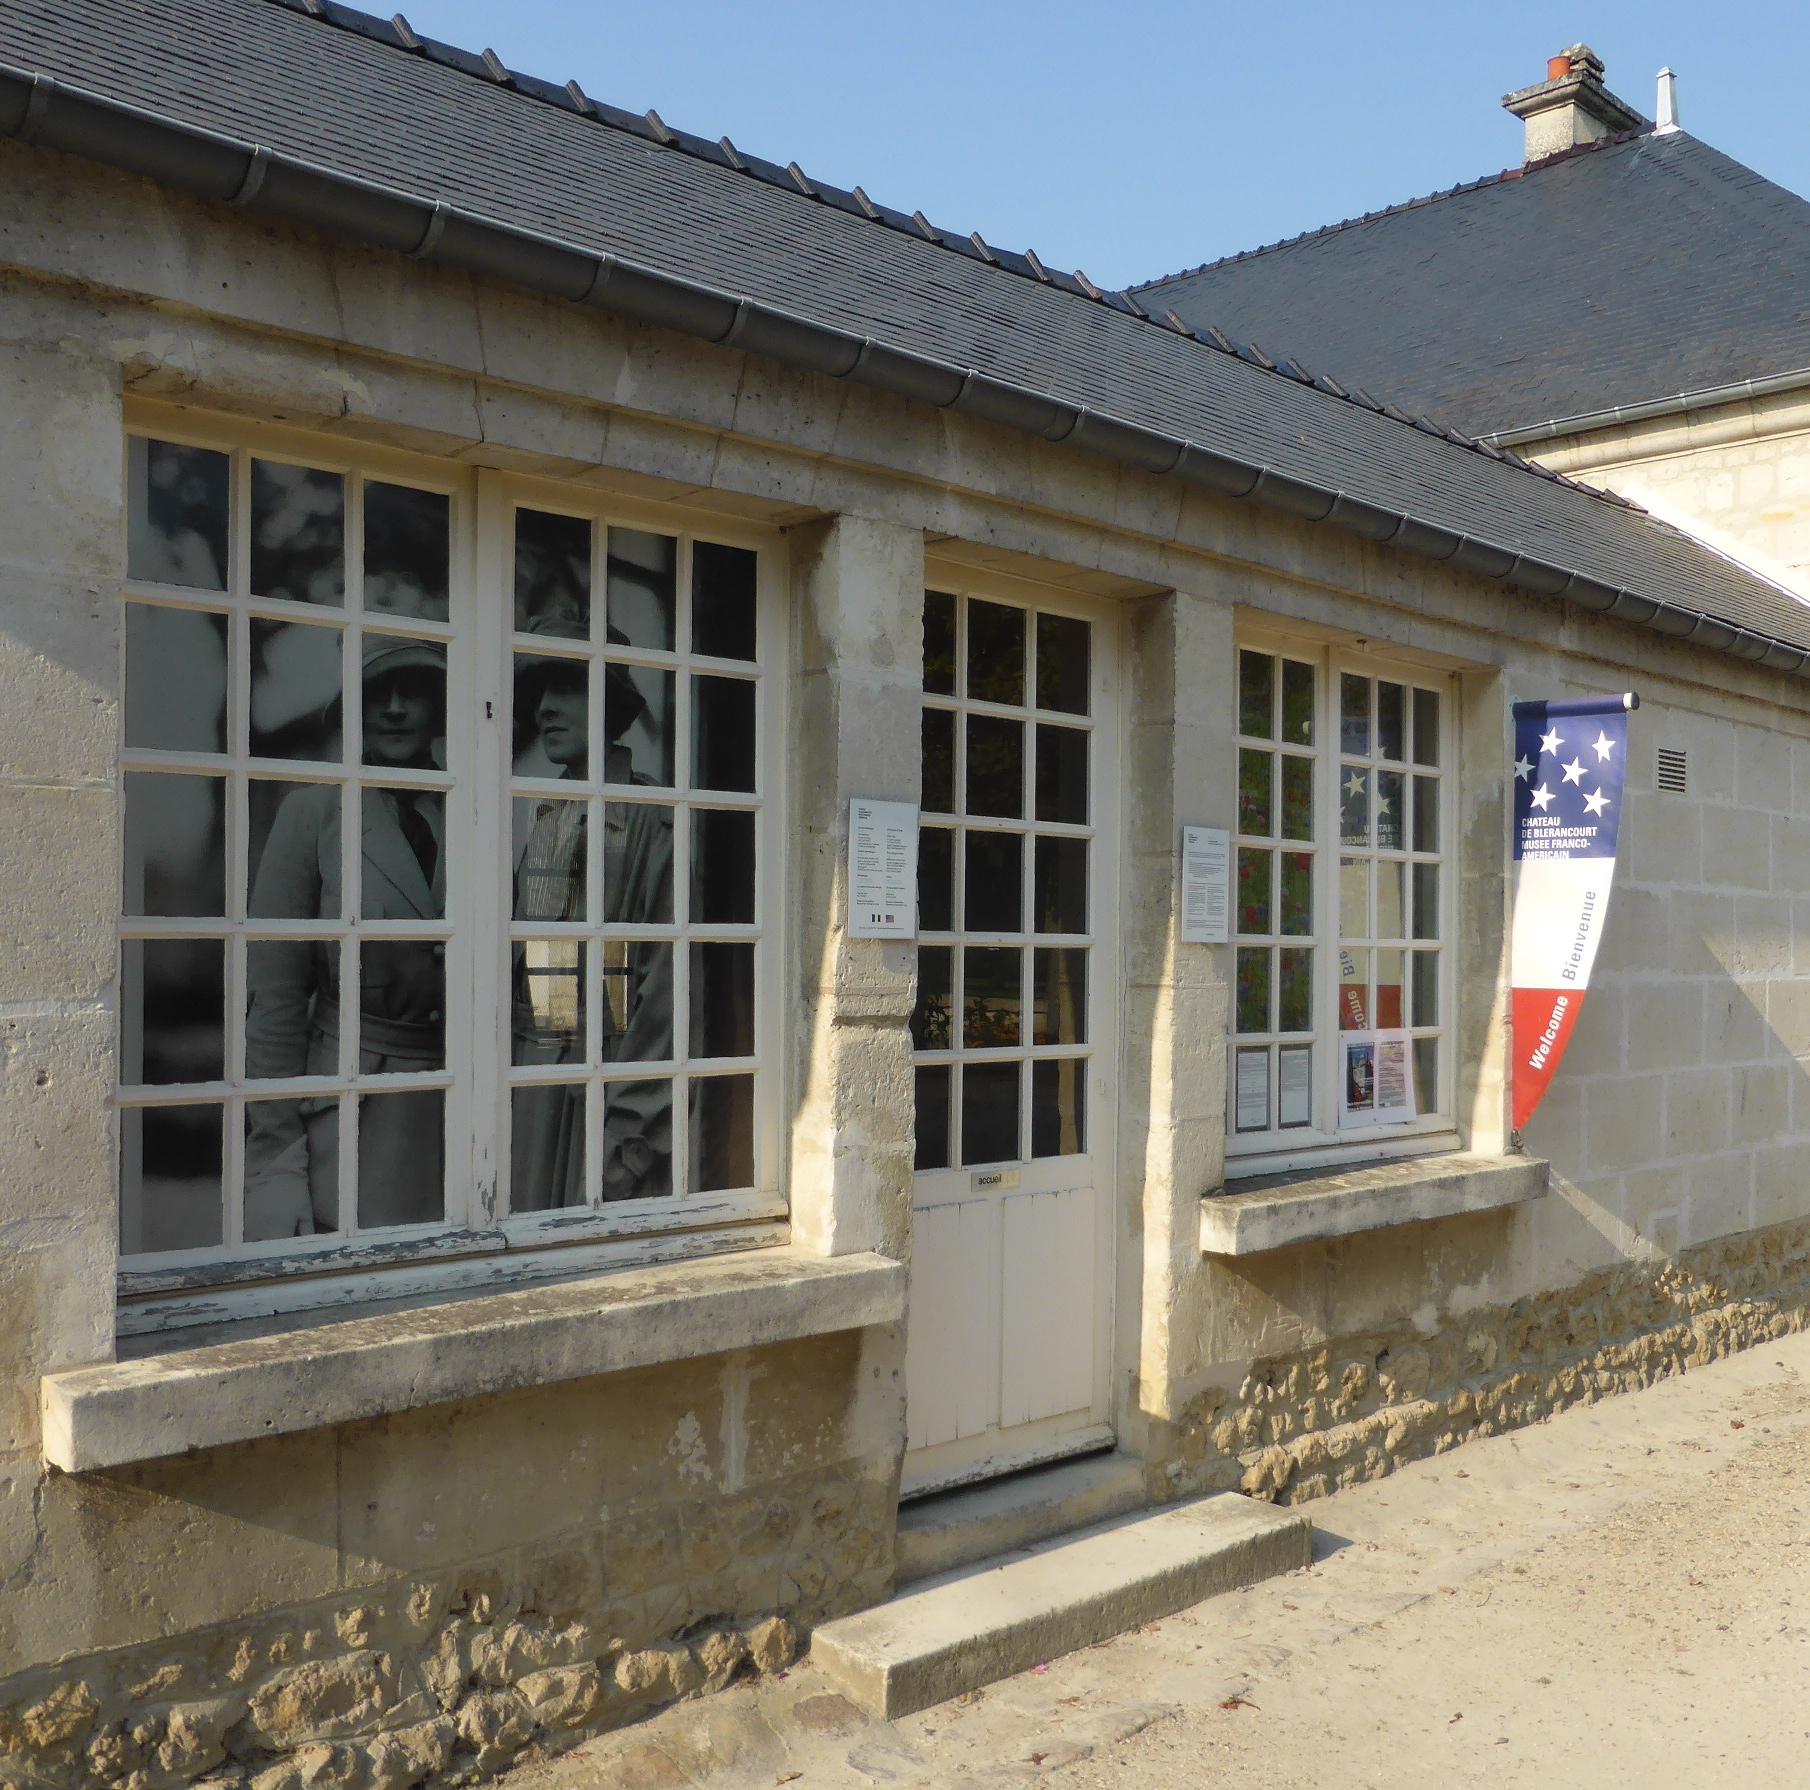 Dans leurs yeux, la guerre... au Musée franco-américain du château de Blérancourt